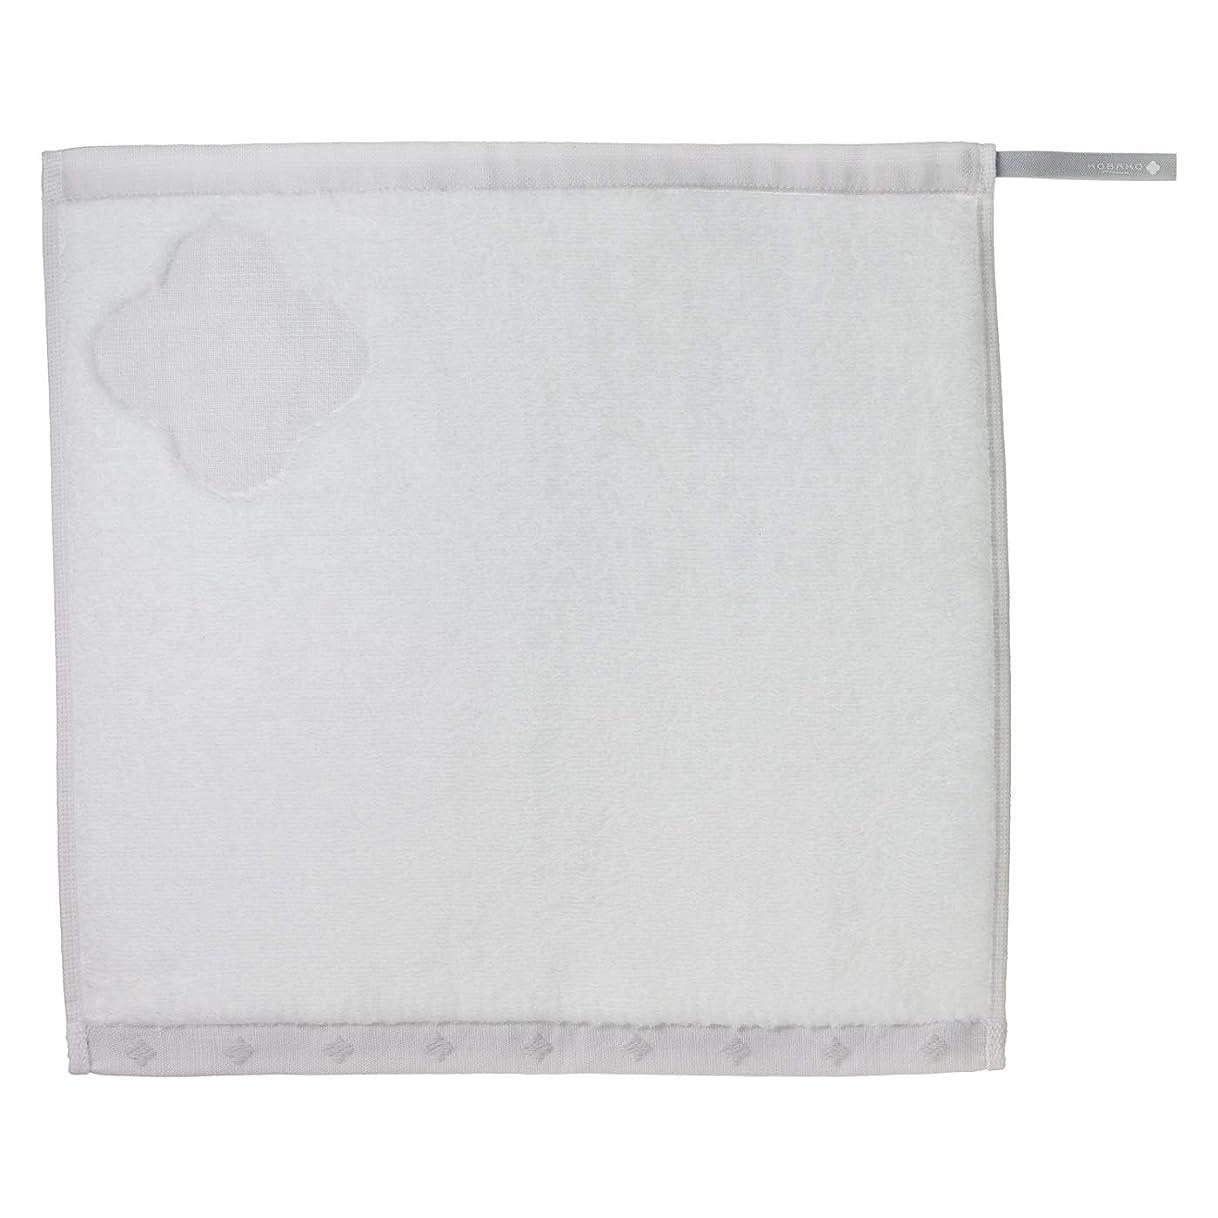 年金受給者挑発する資金KOBAKO(コバコ) スチーム洗顔タオル